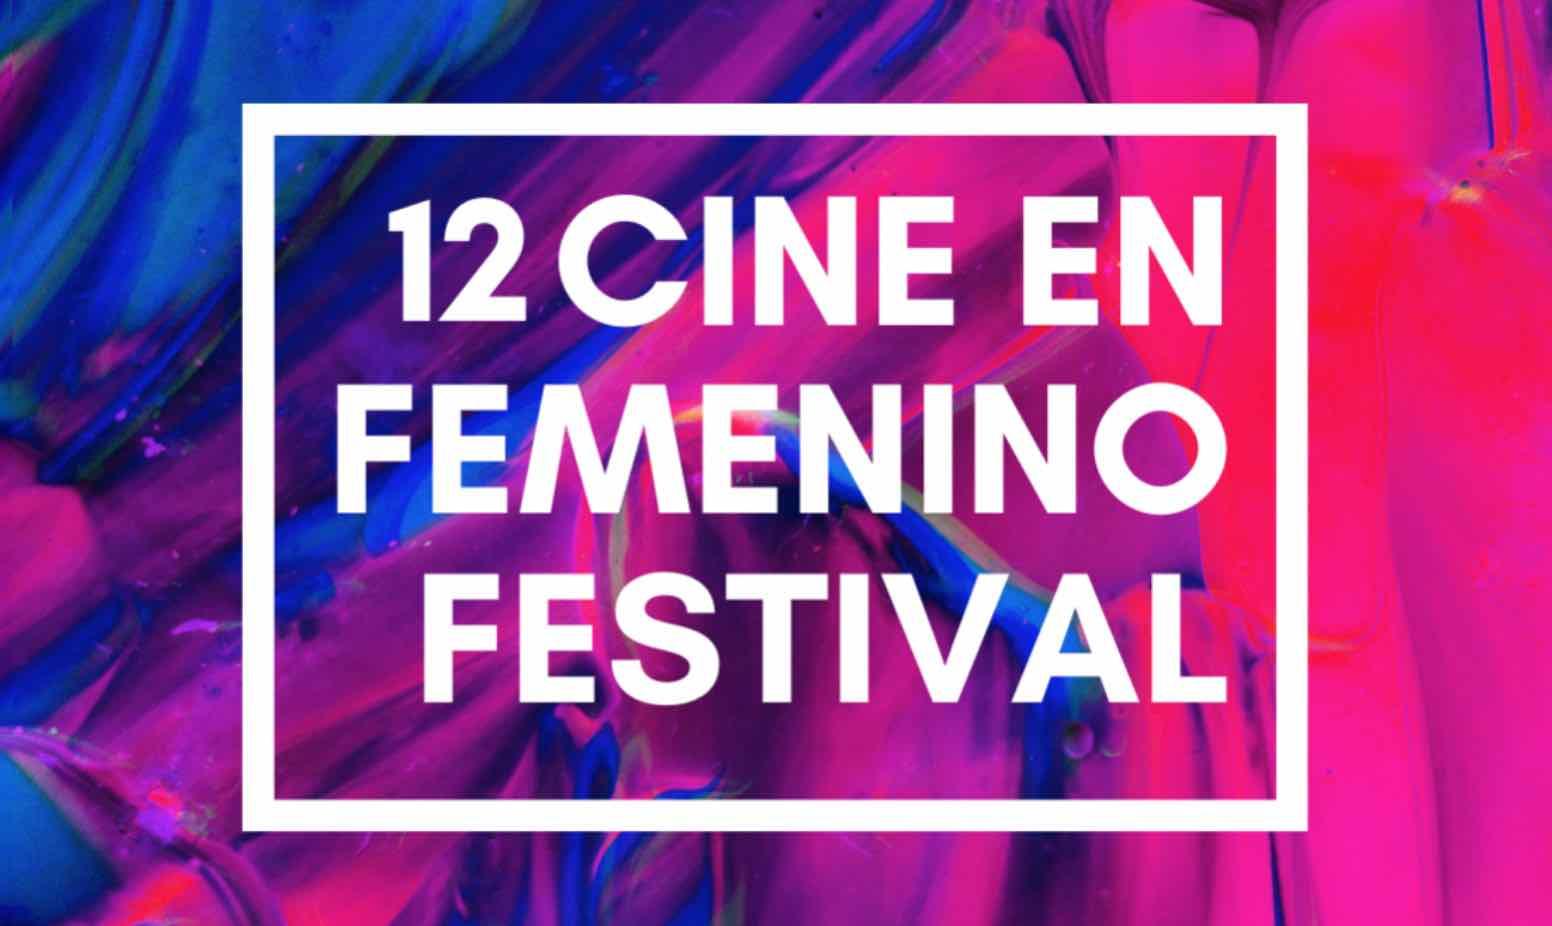 Cine En Femenino Festival